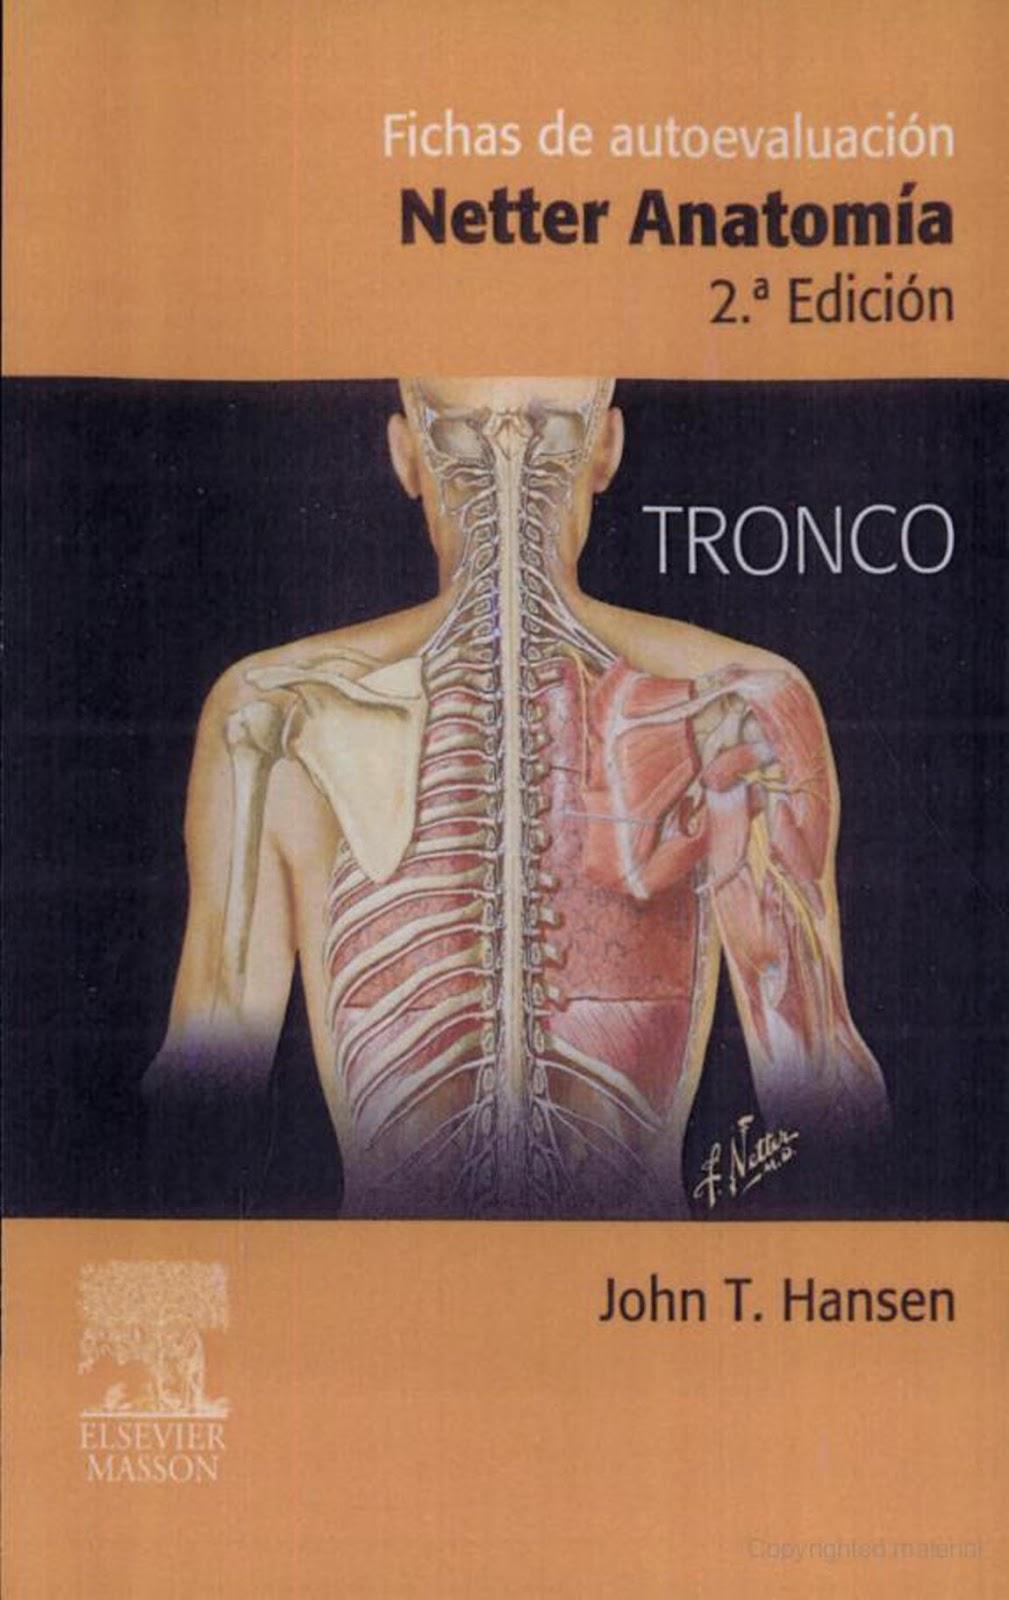 Netter: Anatomía. Fichas de Autoevaluación. Tronco, 2da. Edición – John T. Hansen